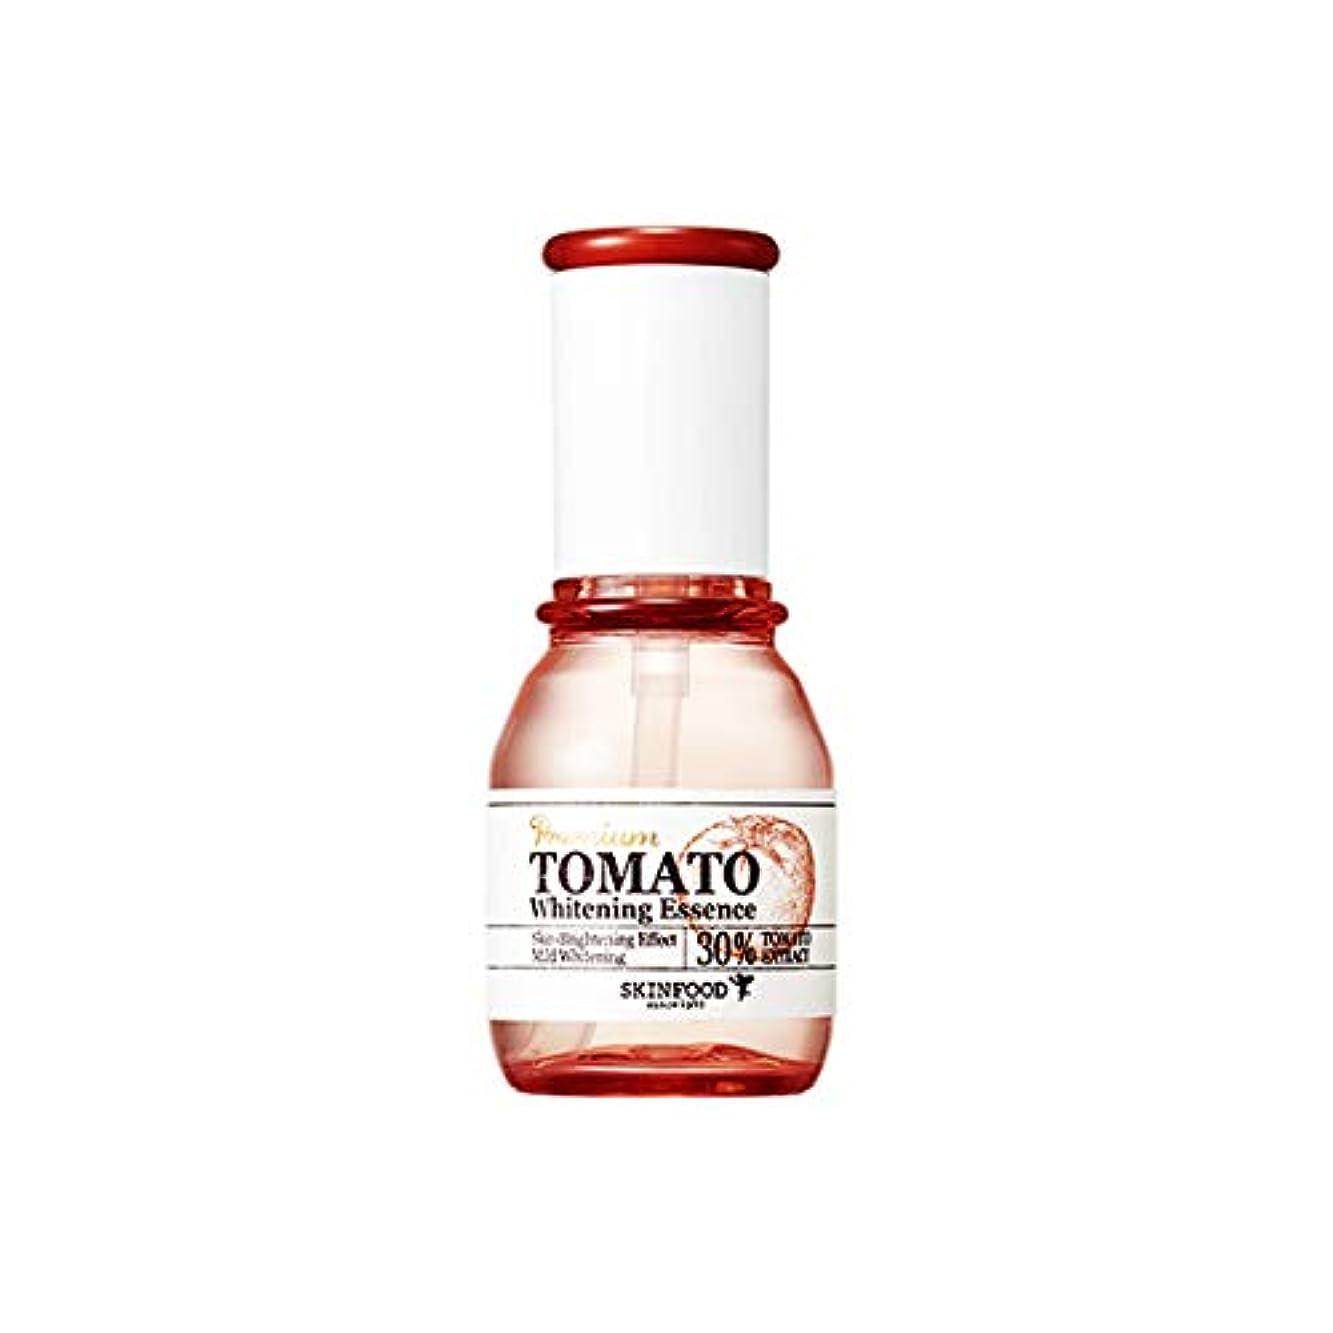 複製私たち自身電極Skinfood プレミアムトマトホワイトニングエッセンス(美白効果) / Premium Tomato Whitening Essence (Skin-Brightening Effect)50ml [並行輸入品]